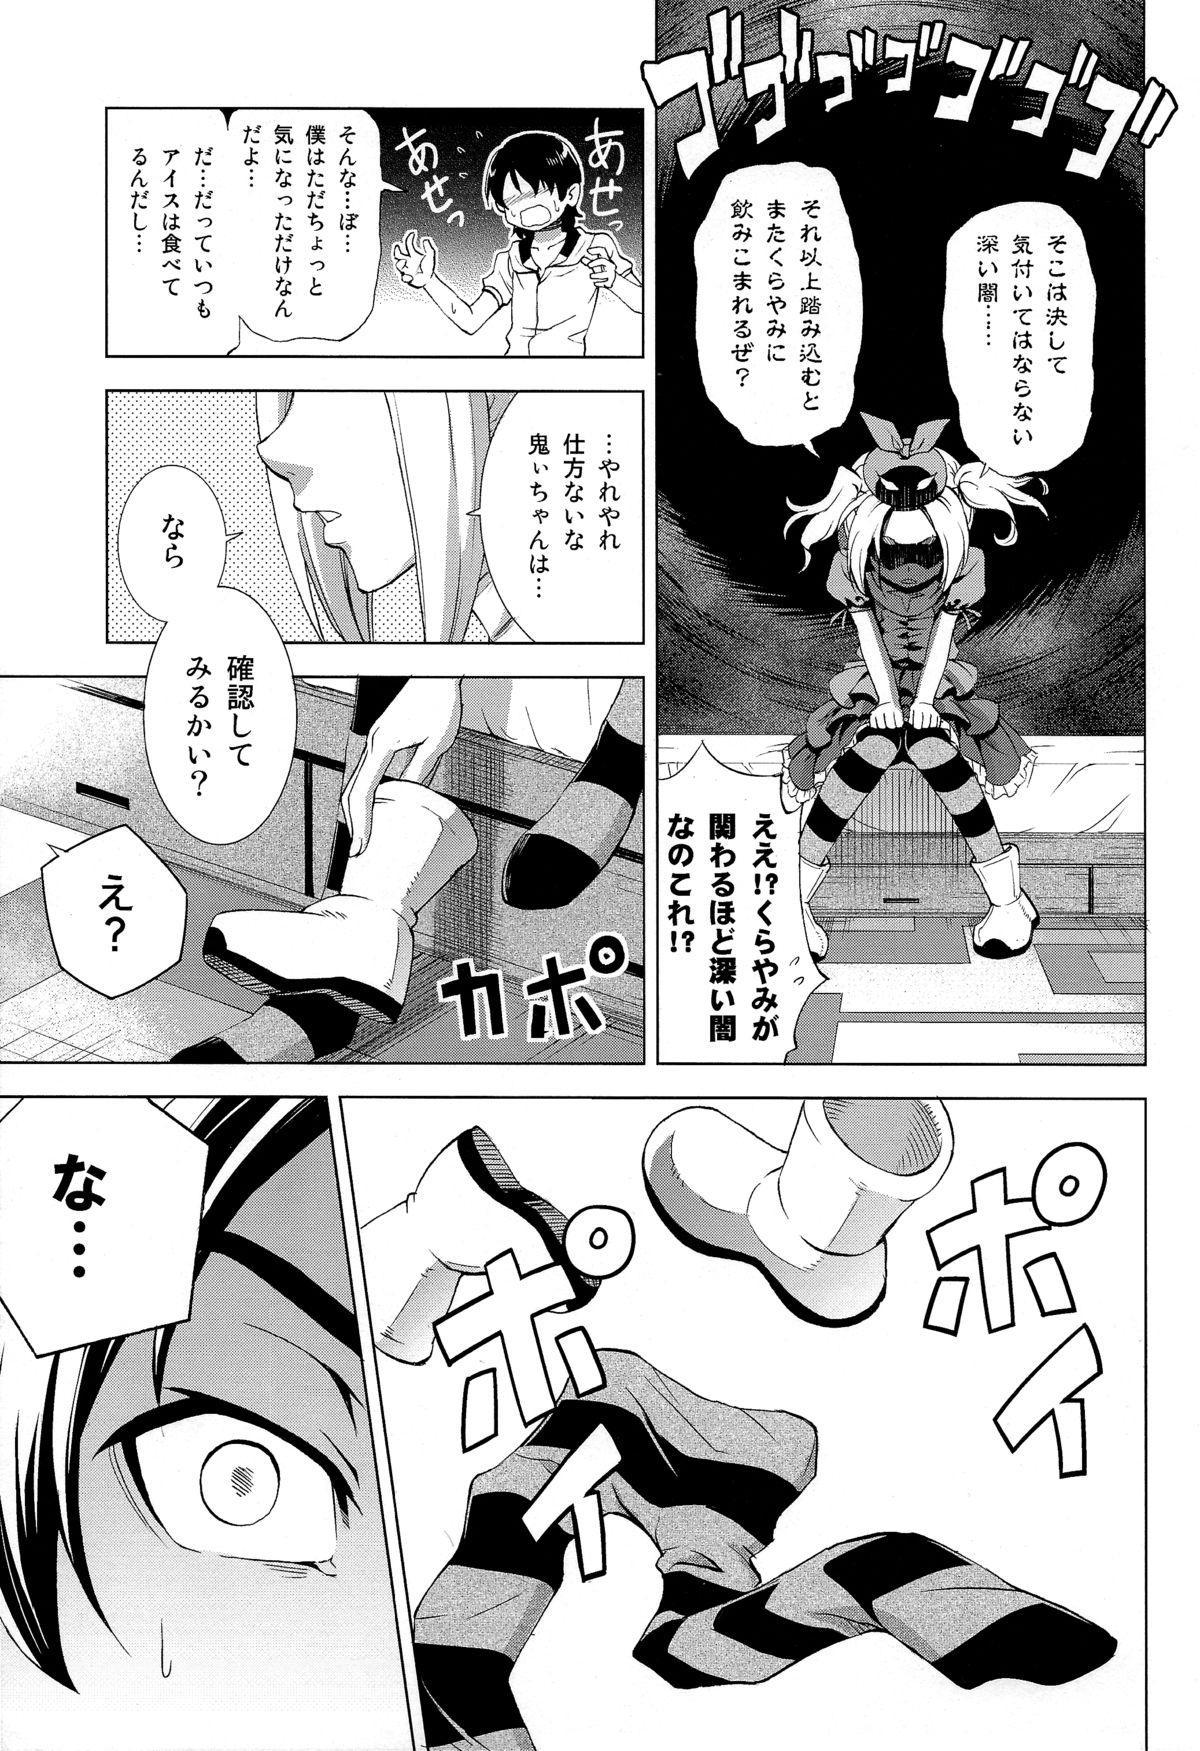 Hentai Judgment 4